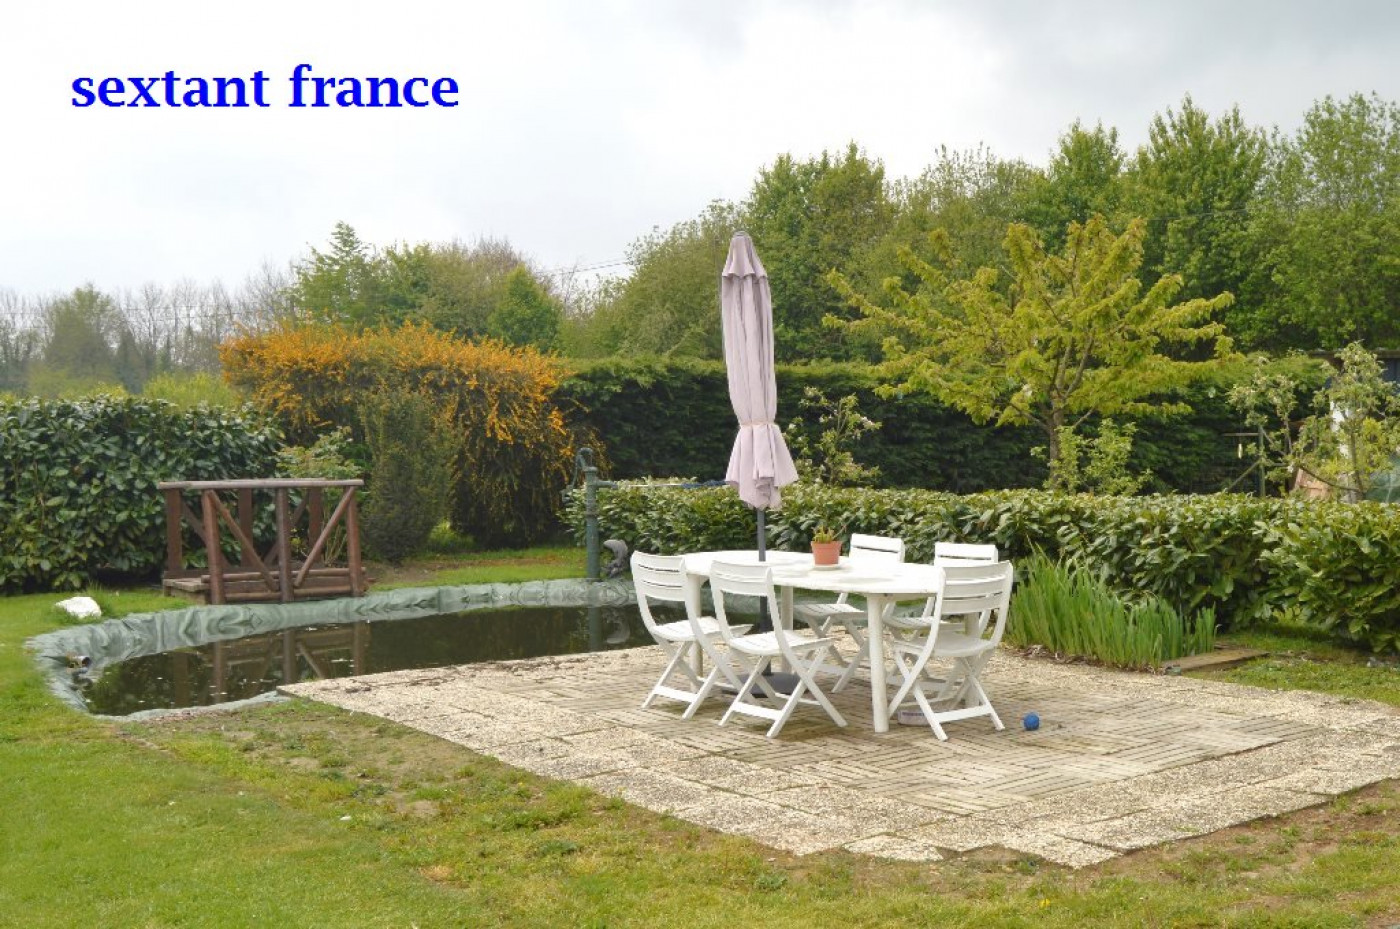 A vendre Vimoutiers 7501172540 Sextant france